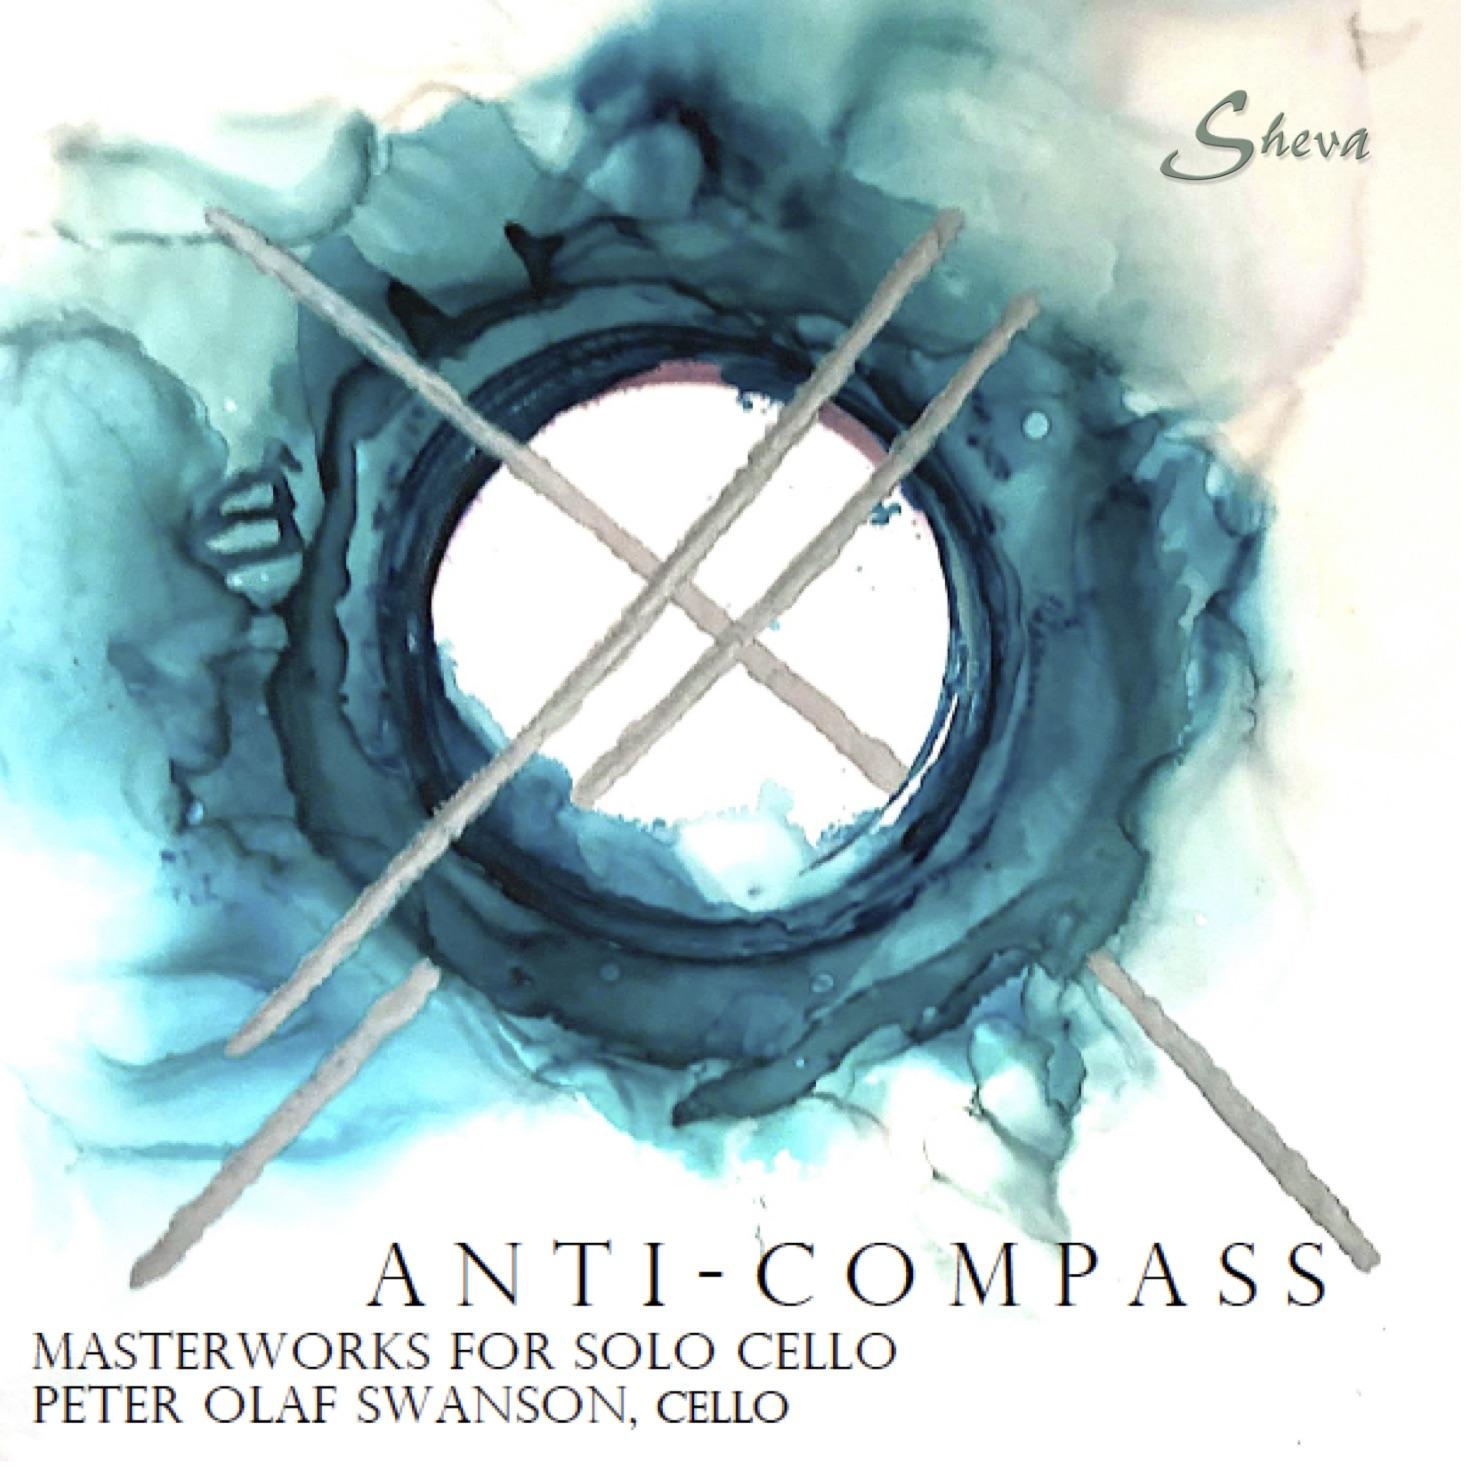 SHEVA 279 ANTI COMPASS